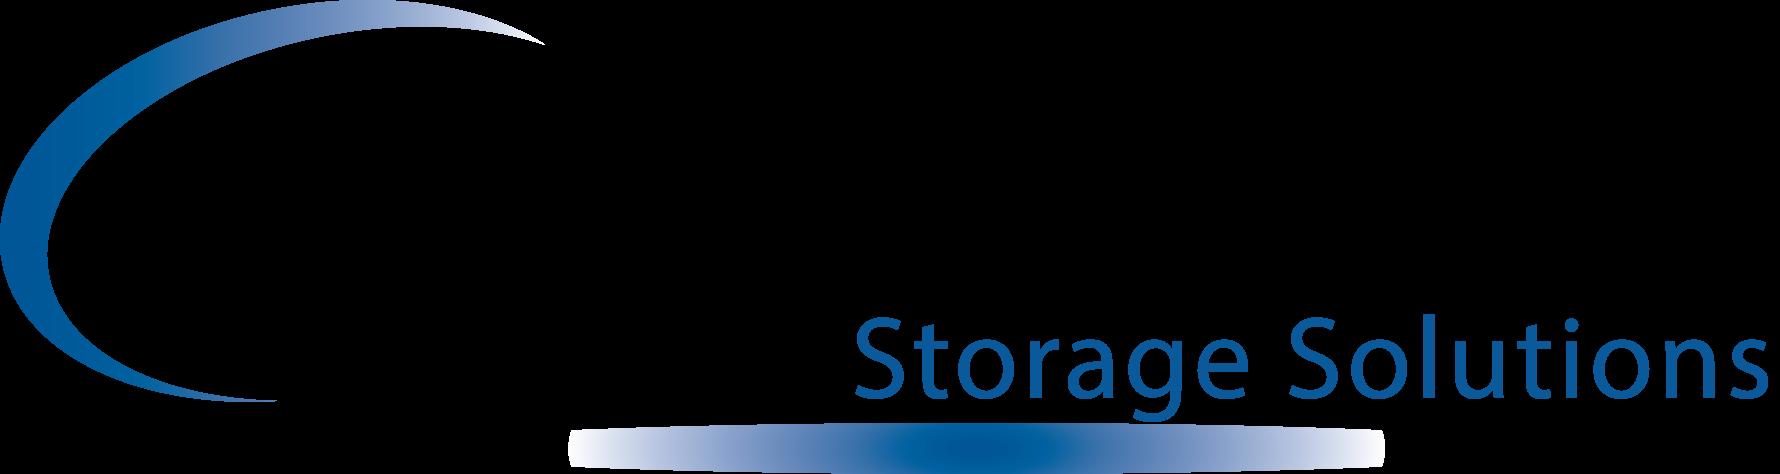 Martin Vertical Storage